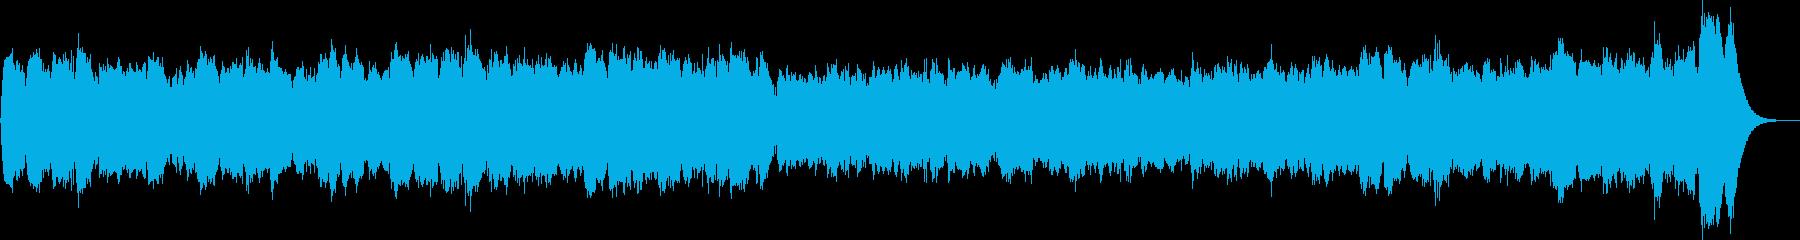 パイプオルガンのバッハのような教会用の曲の再生済みの波形